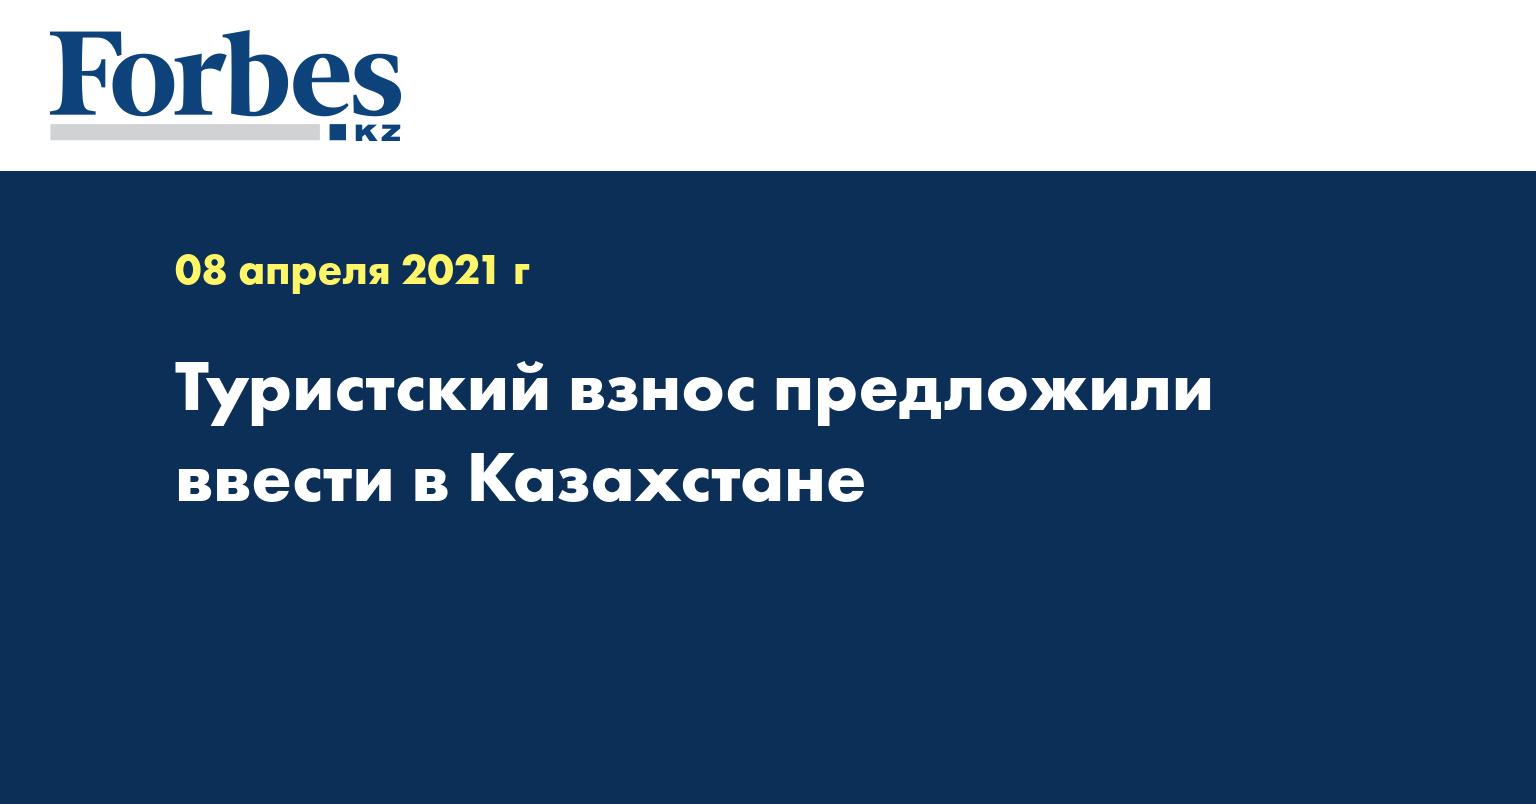 Туристский взнос предложили ввести в Казахстане